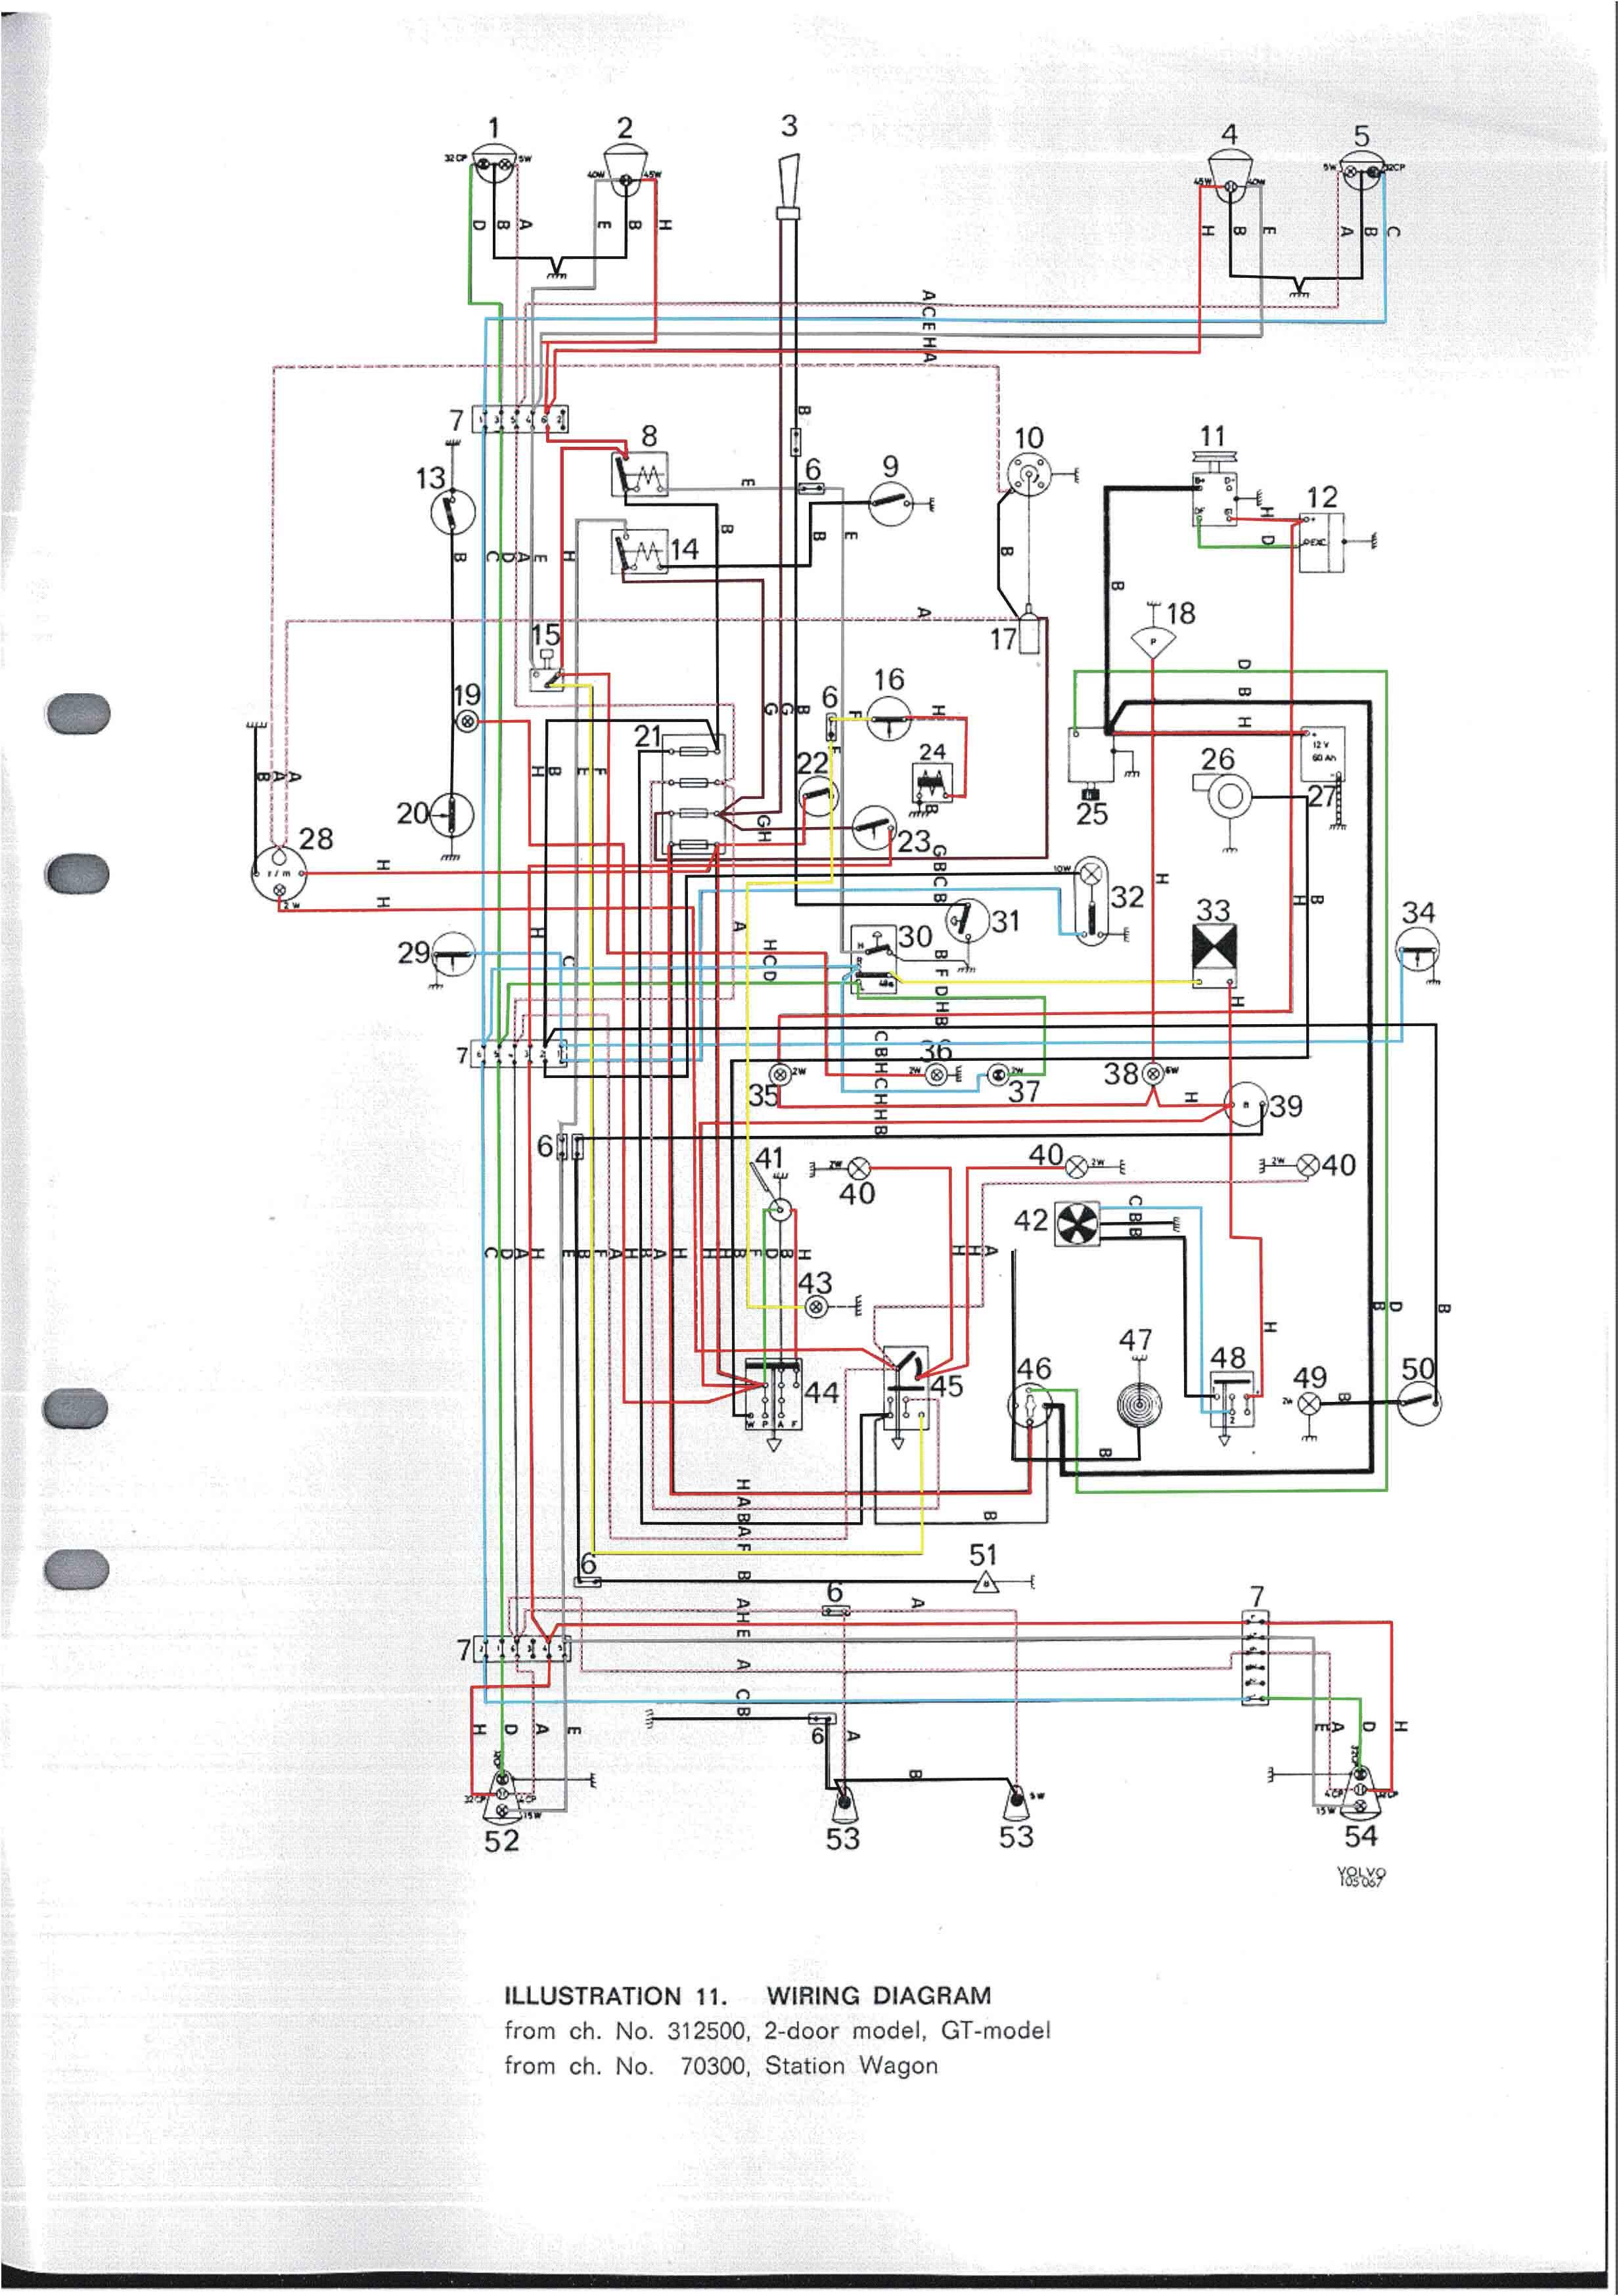 Gemütlich 200 Ampere Drahtgrößendiagramm 240 Zeitgenössisch ...